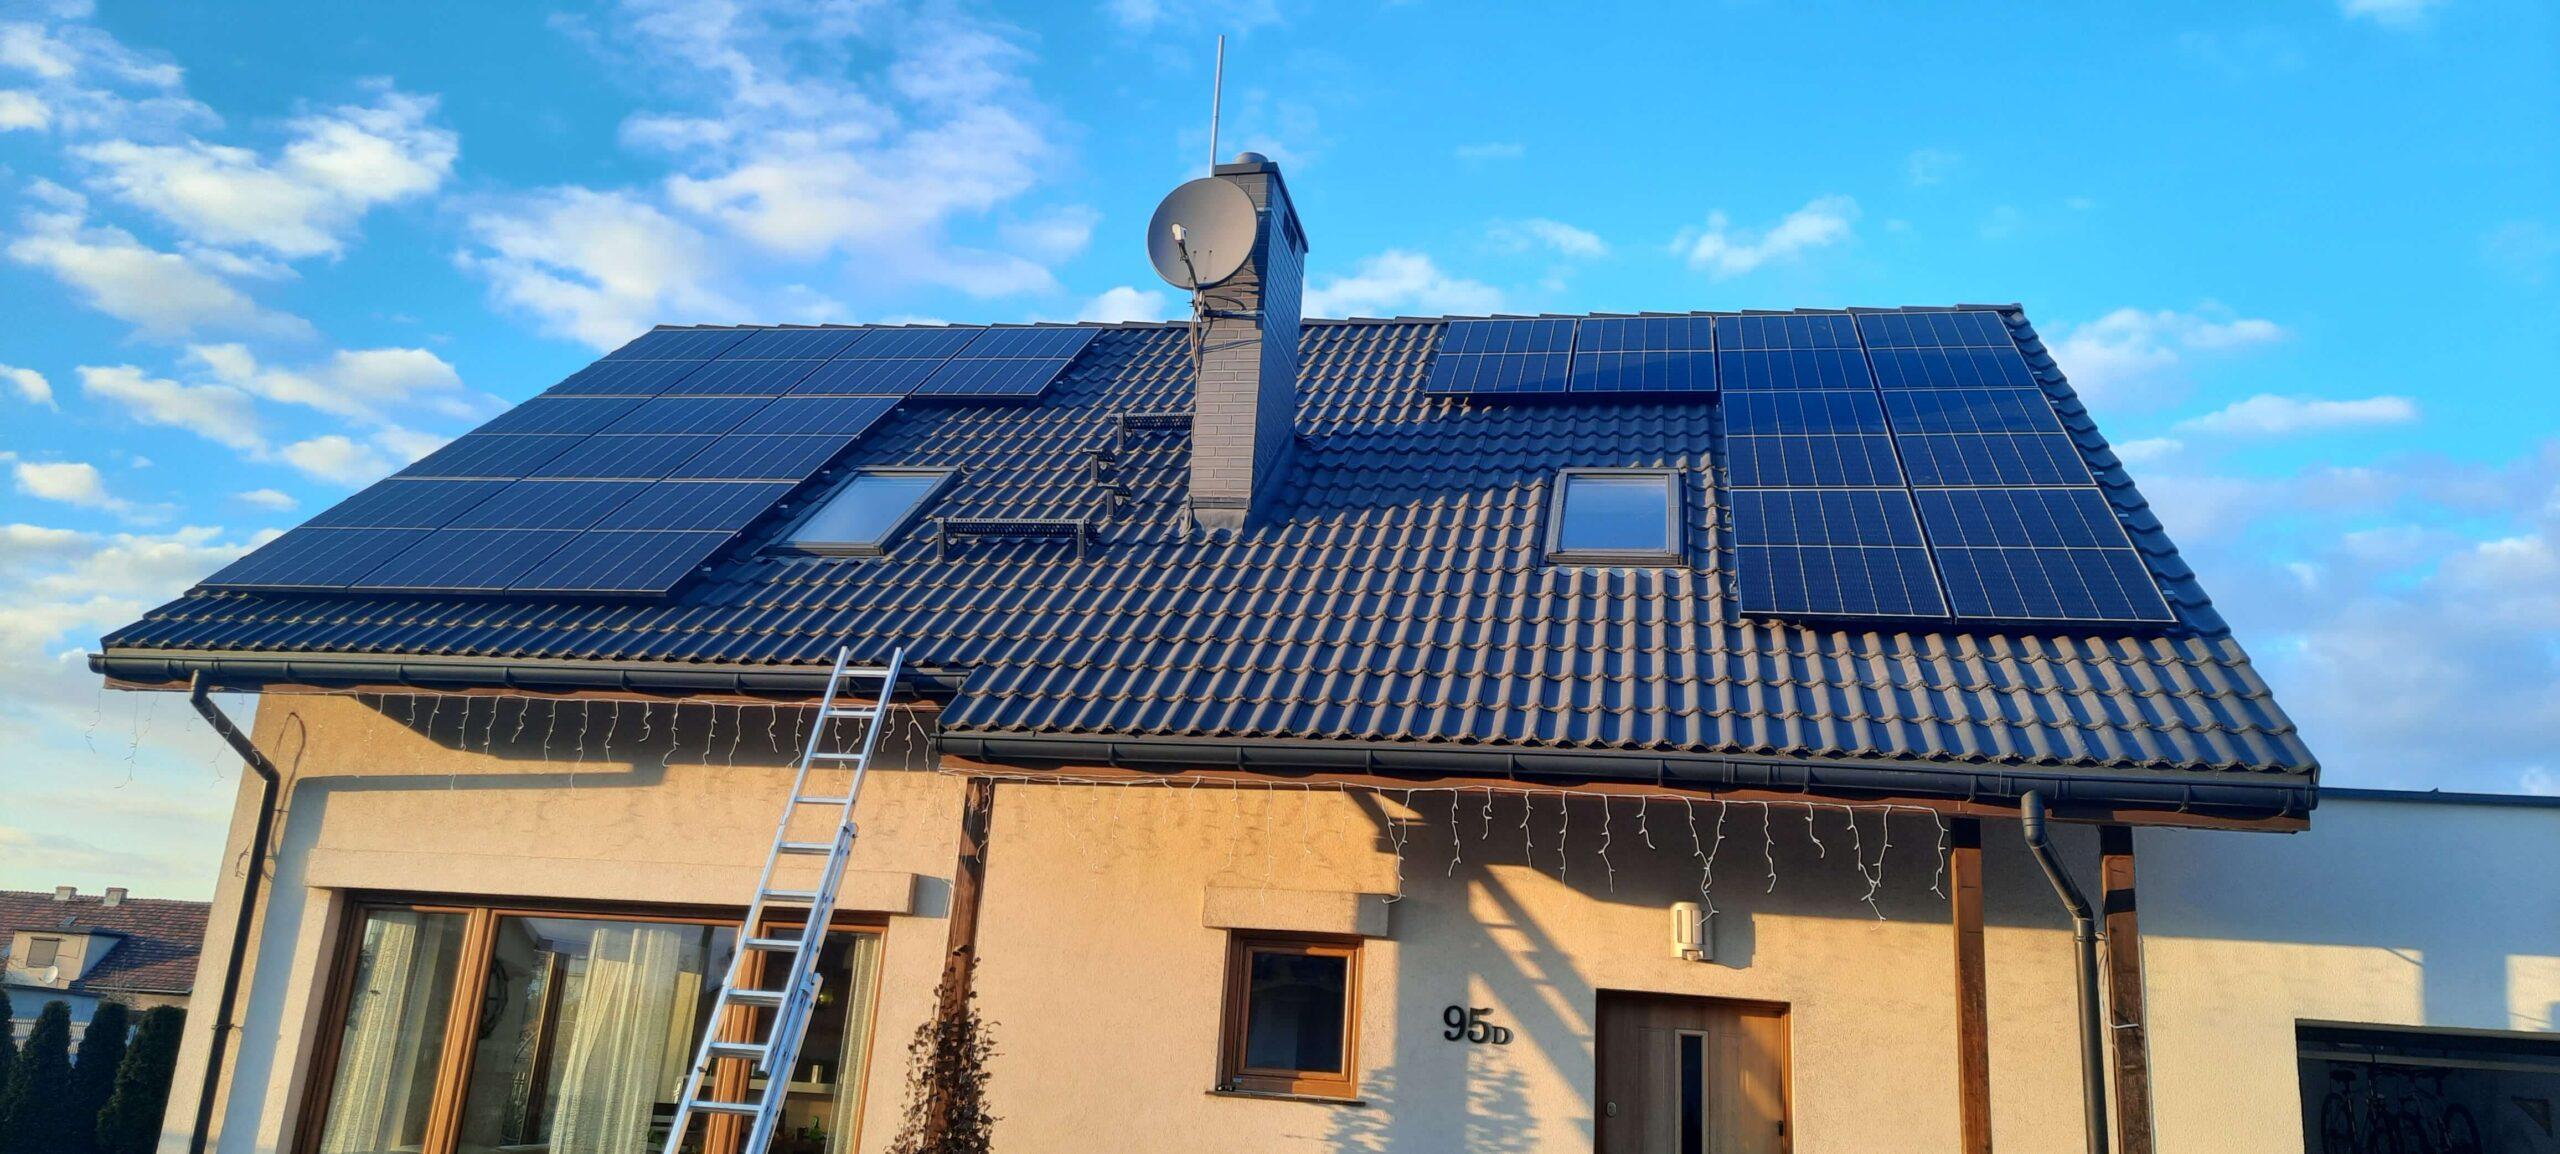 Instalacja fotowoltaiczna 7,11 kWp